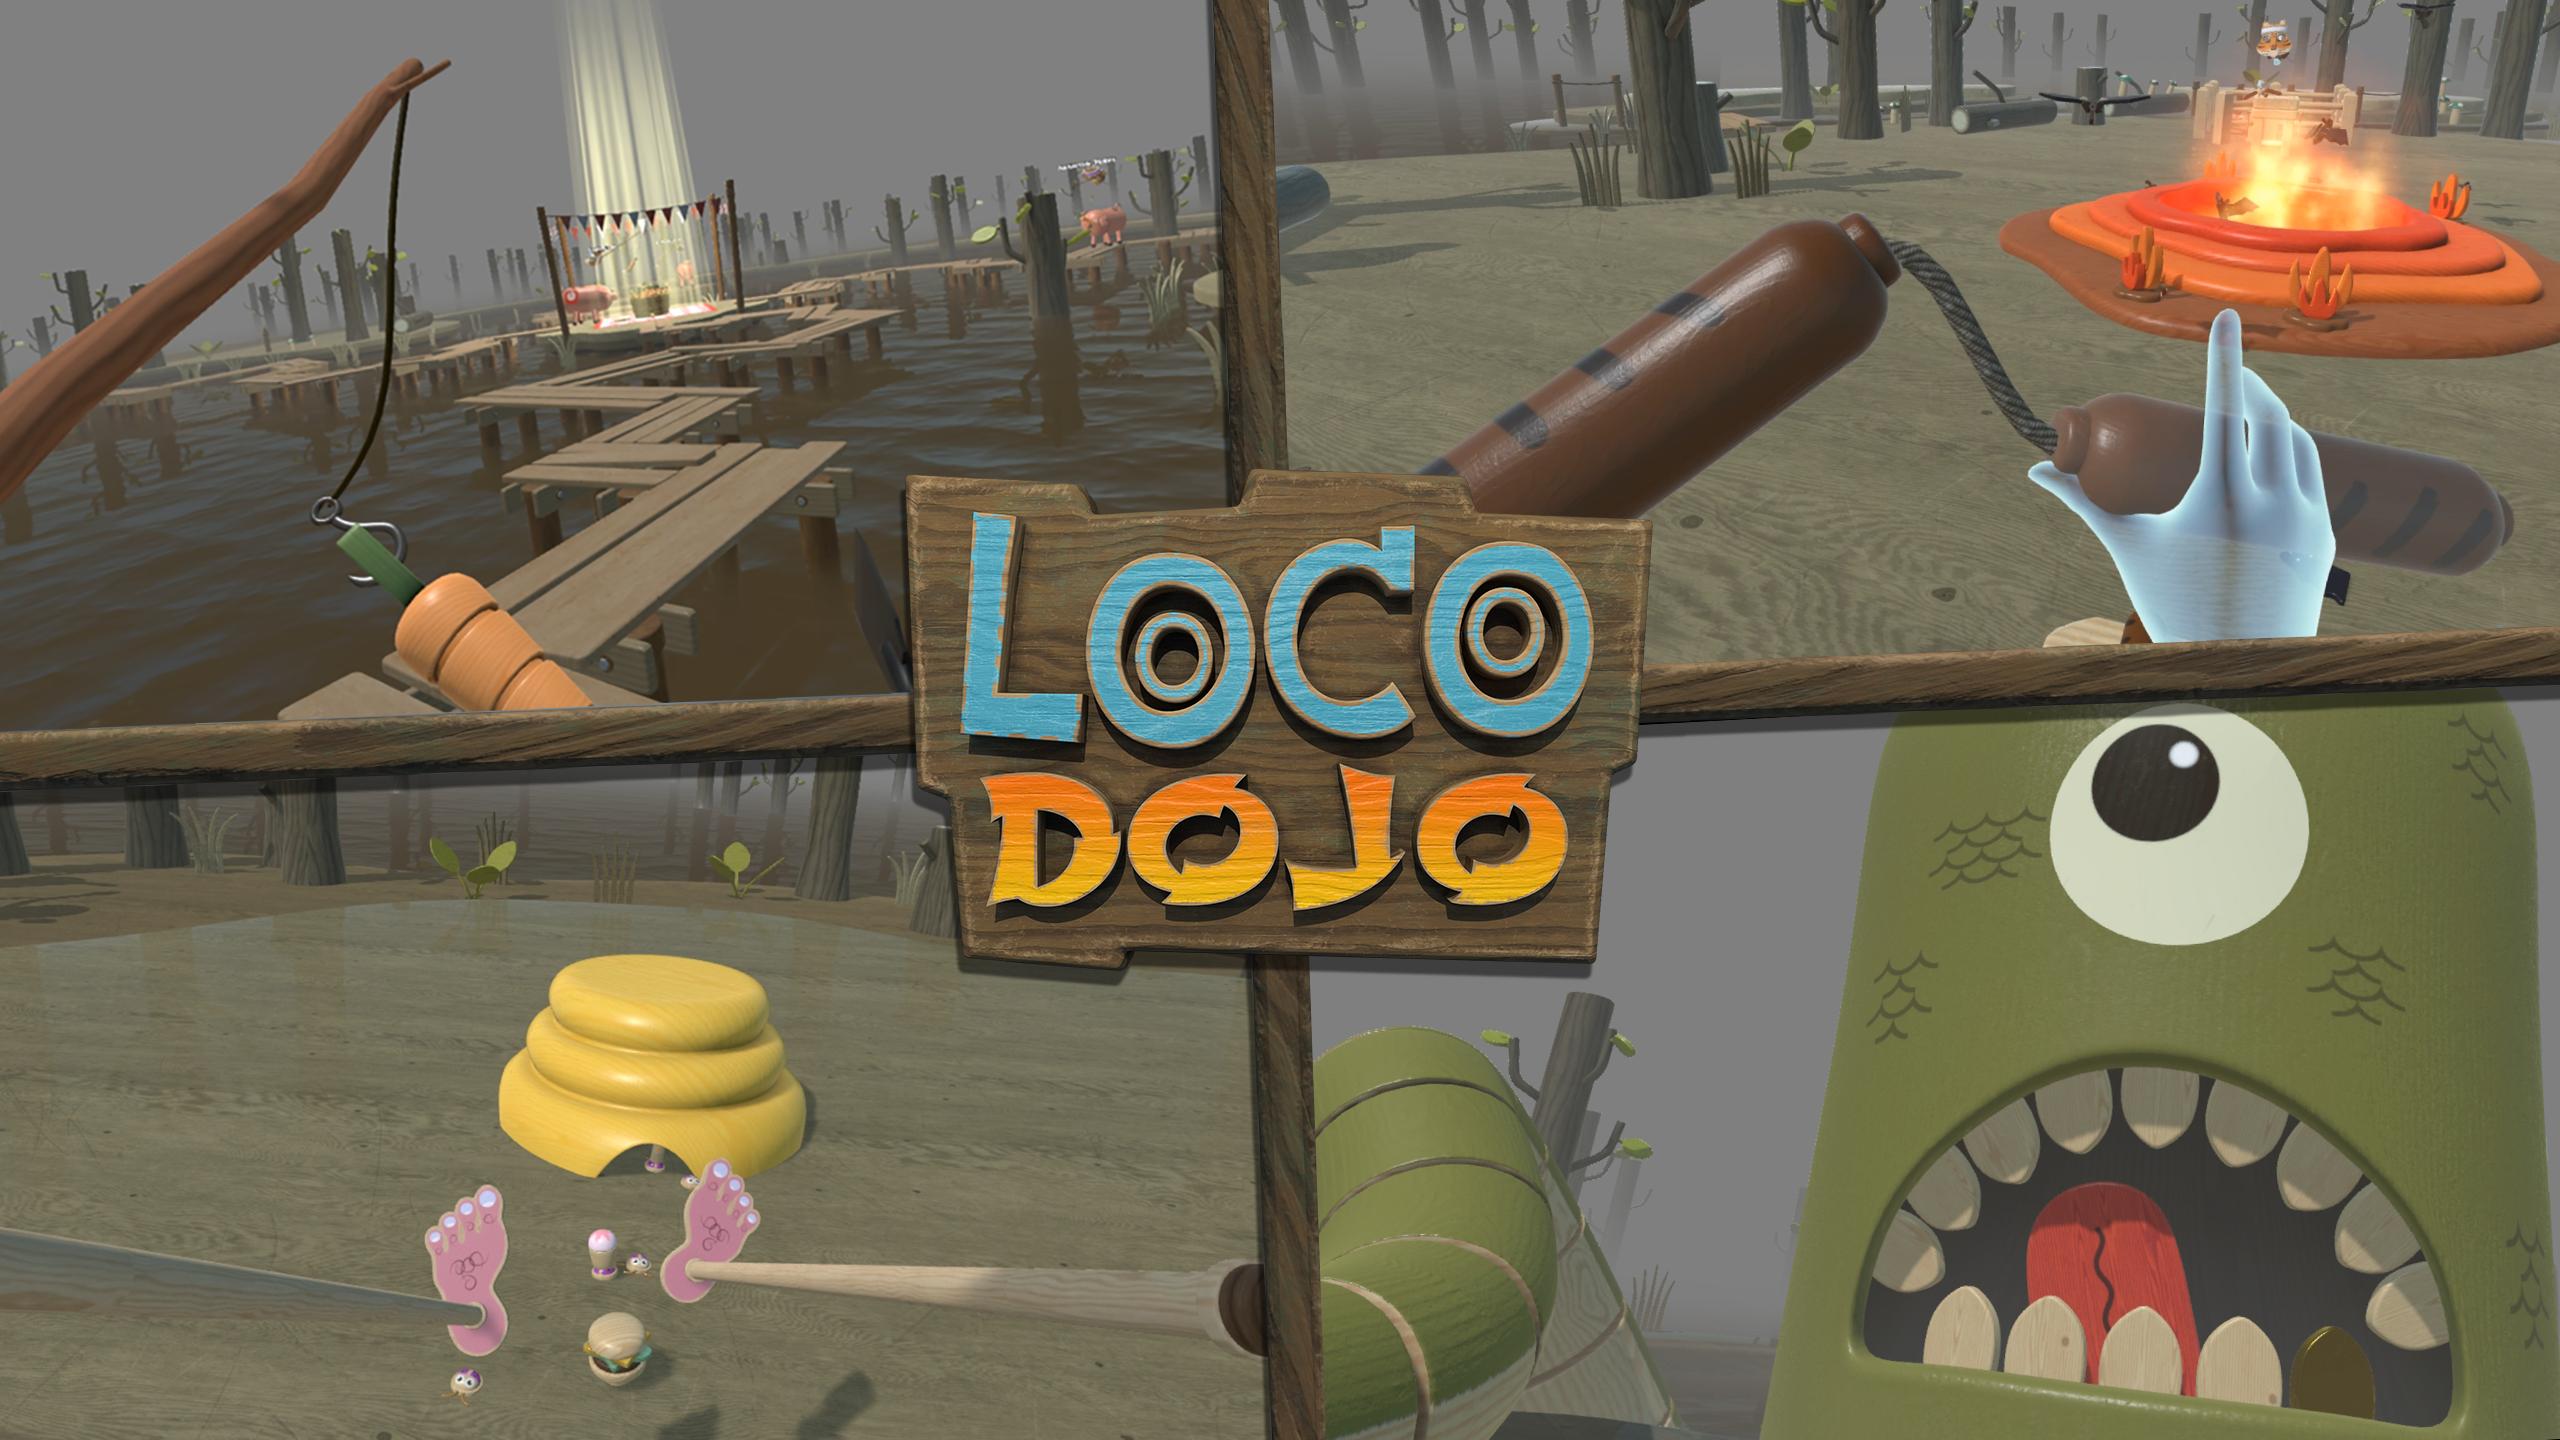 5_LocoDojoScreenshot_FoggyMarsh.png